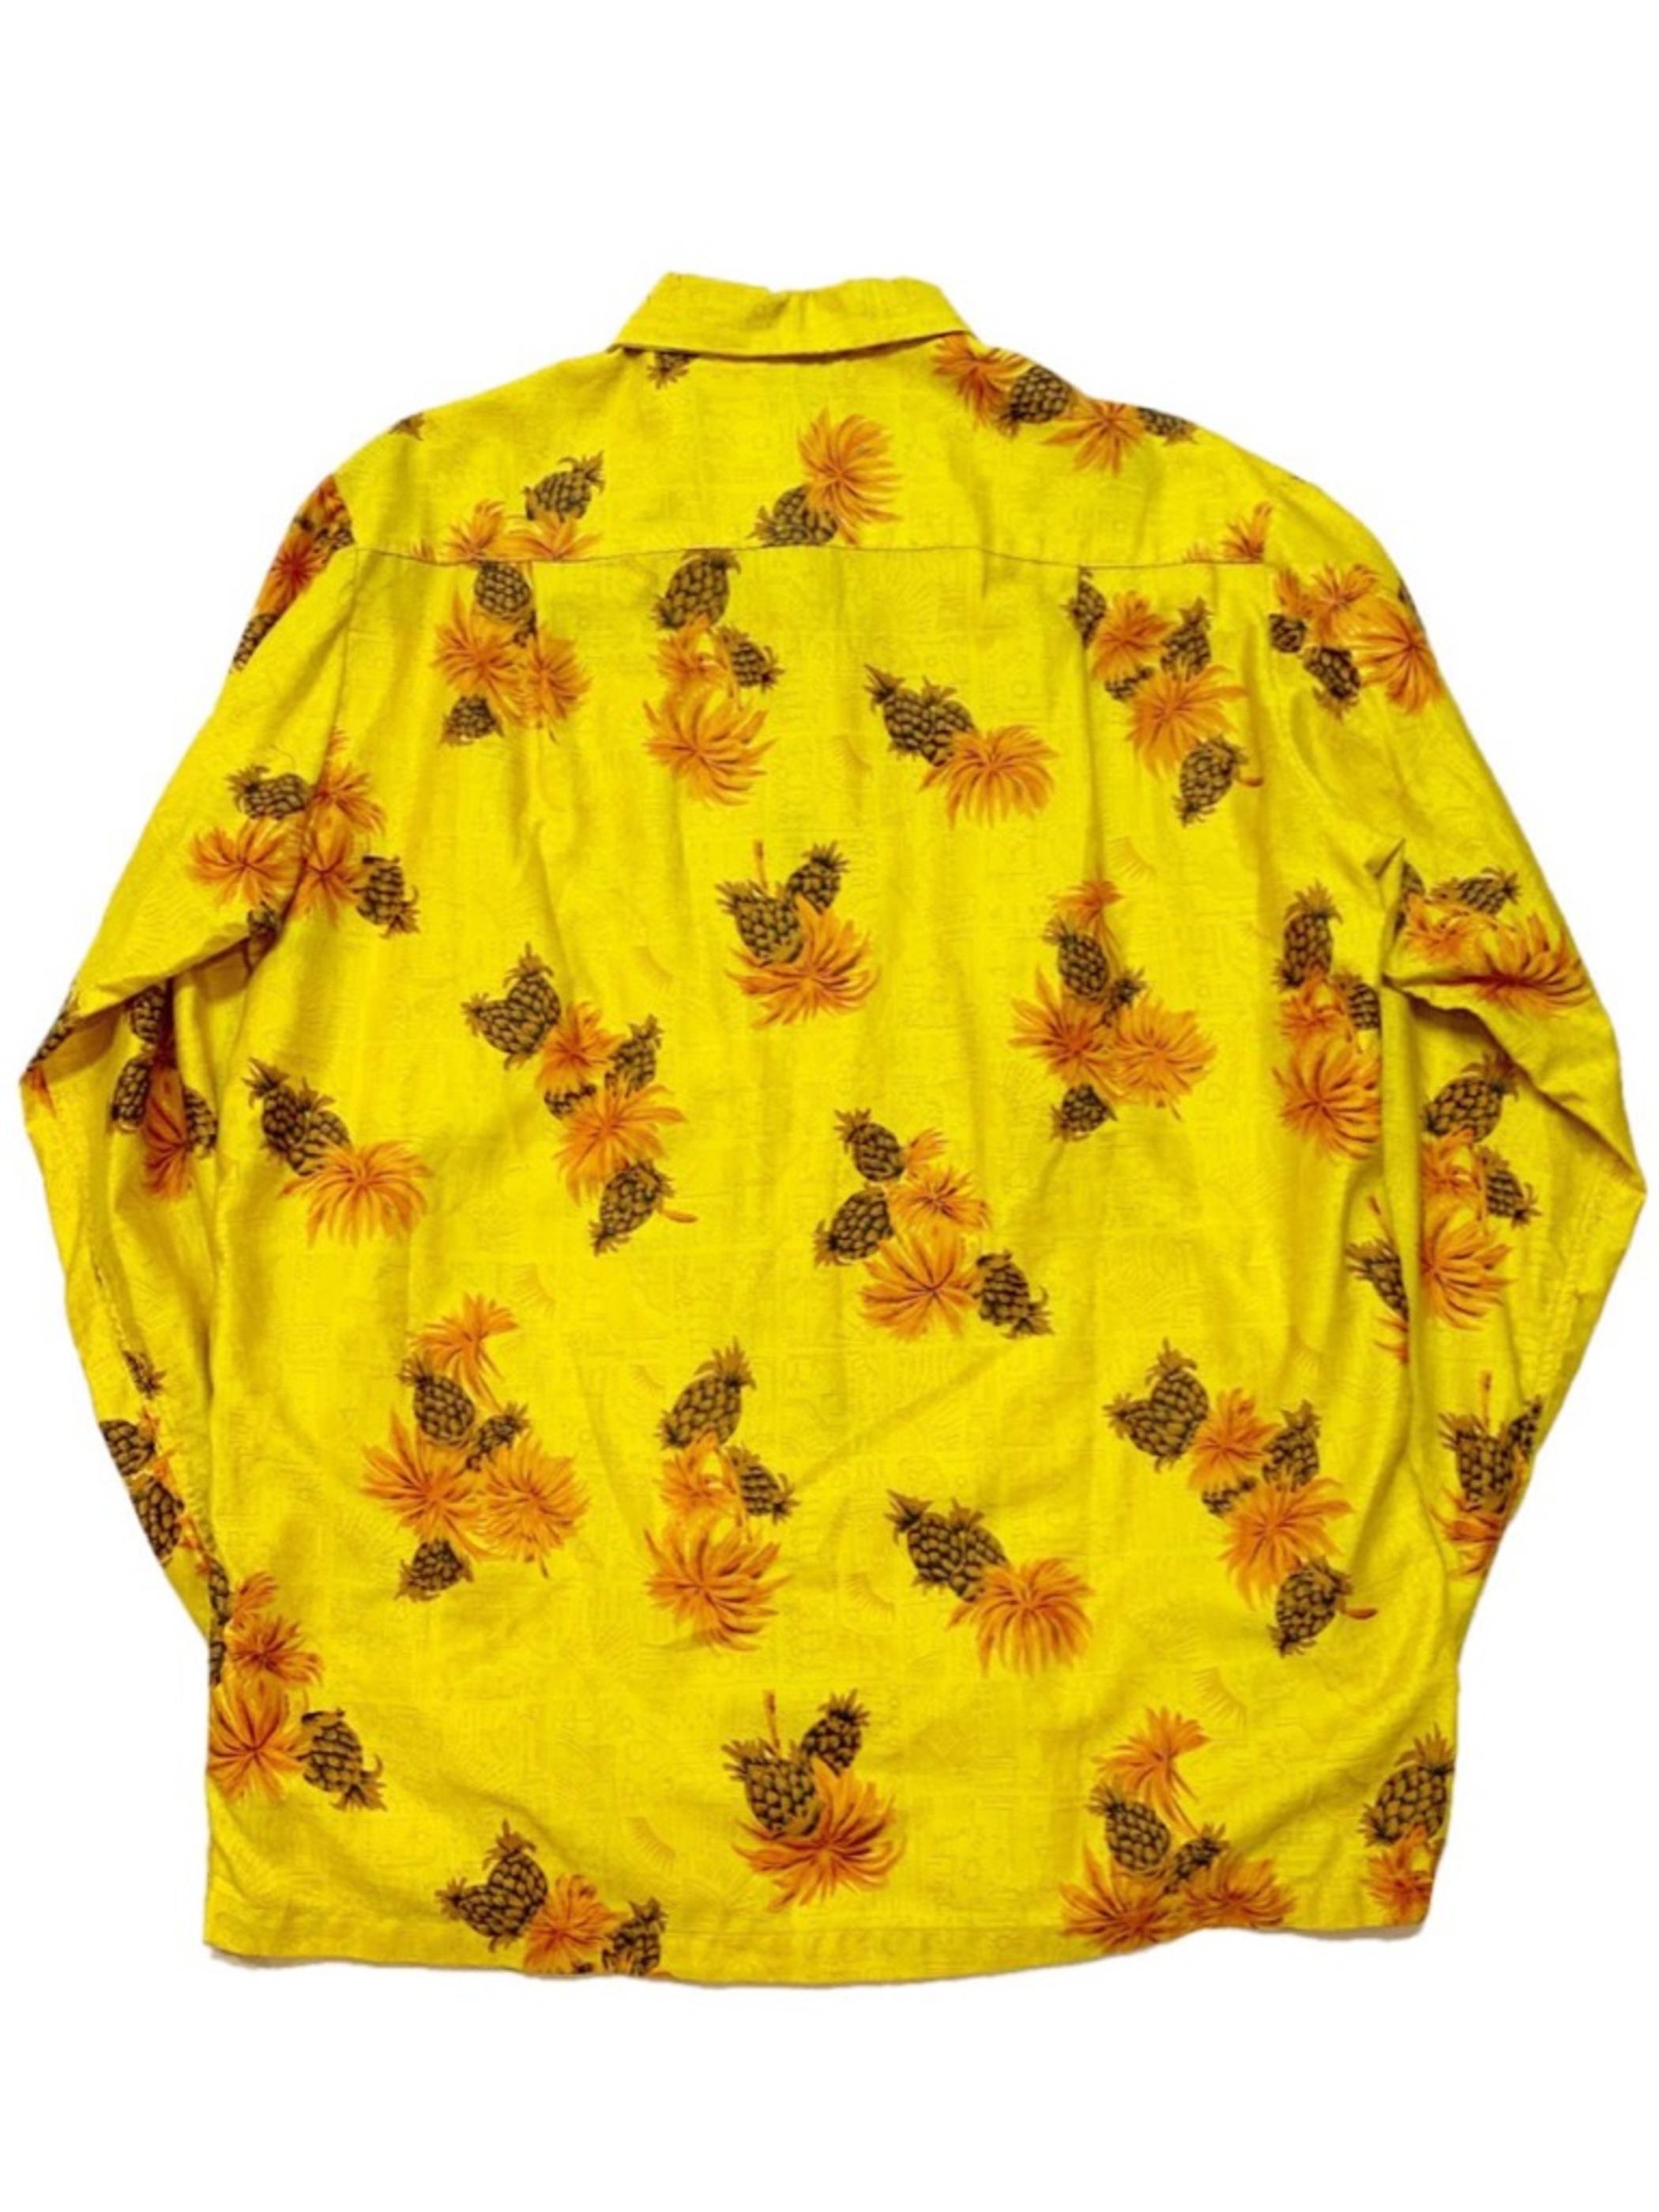 1960's ROYAL Hawaiian shirt L/S